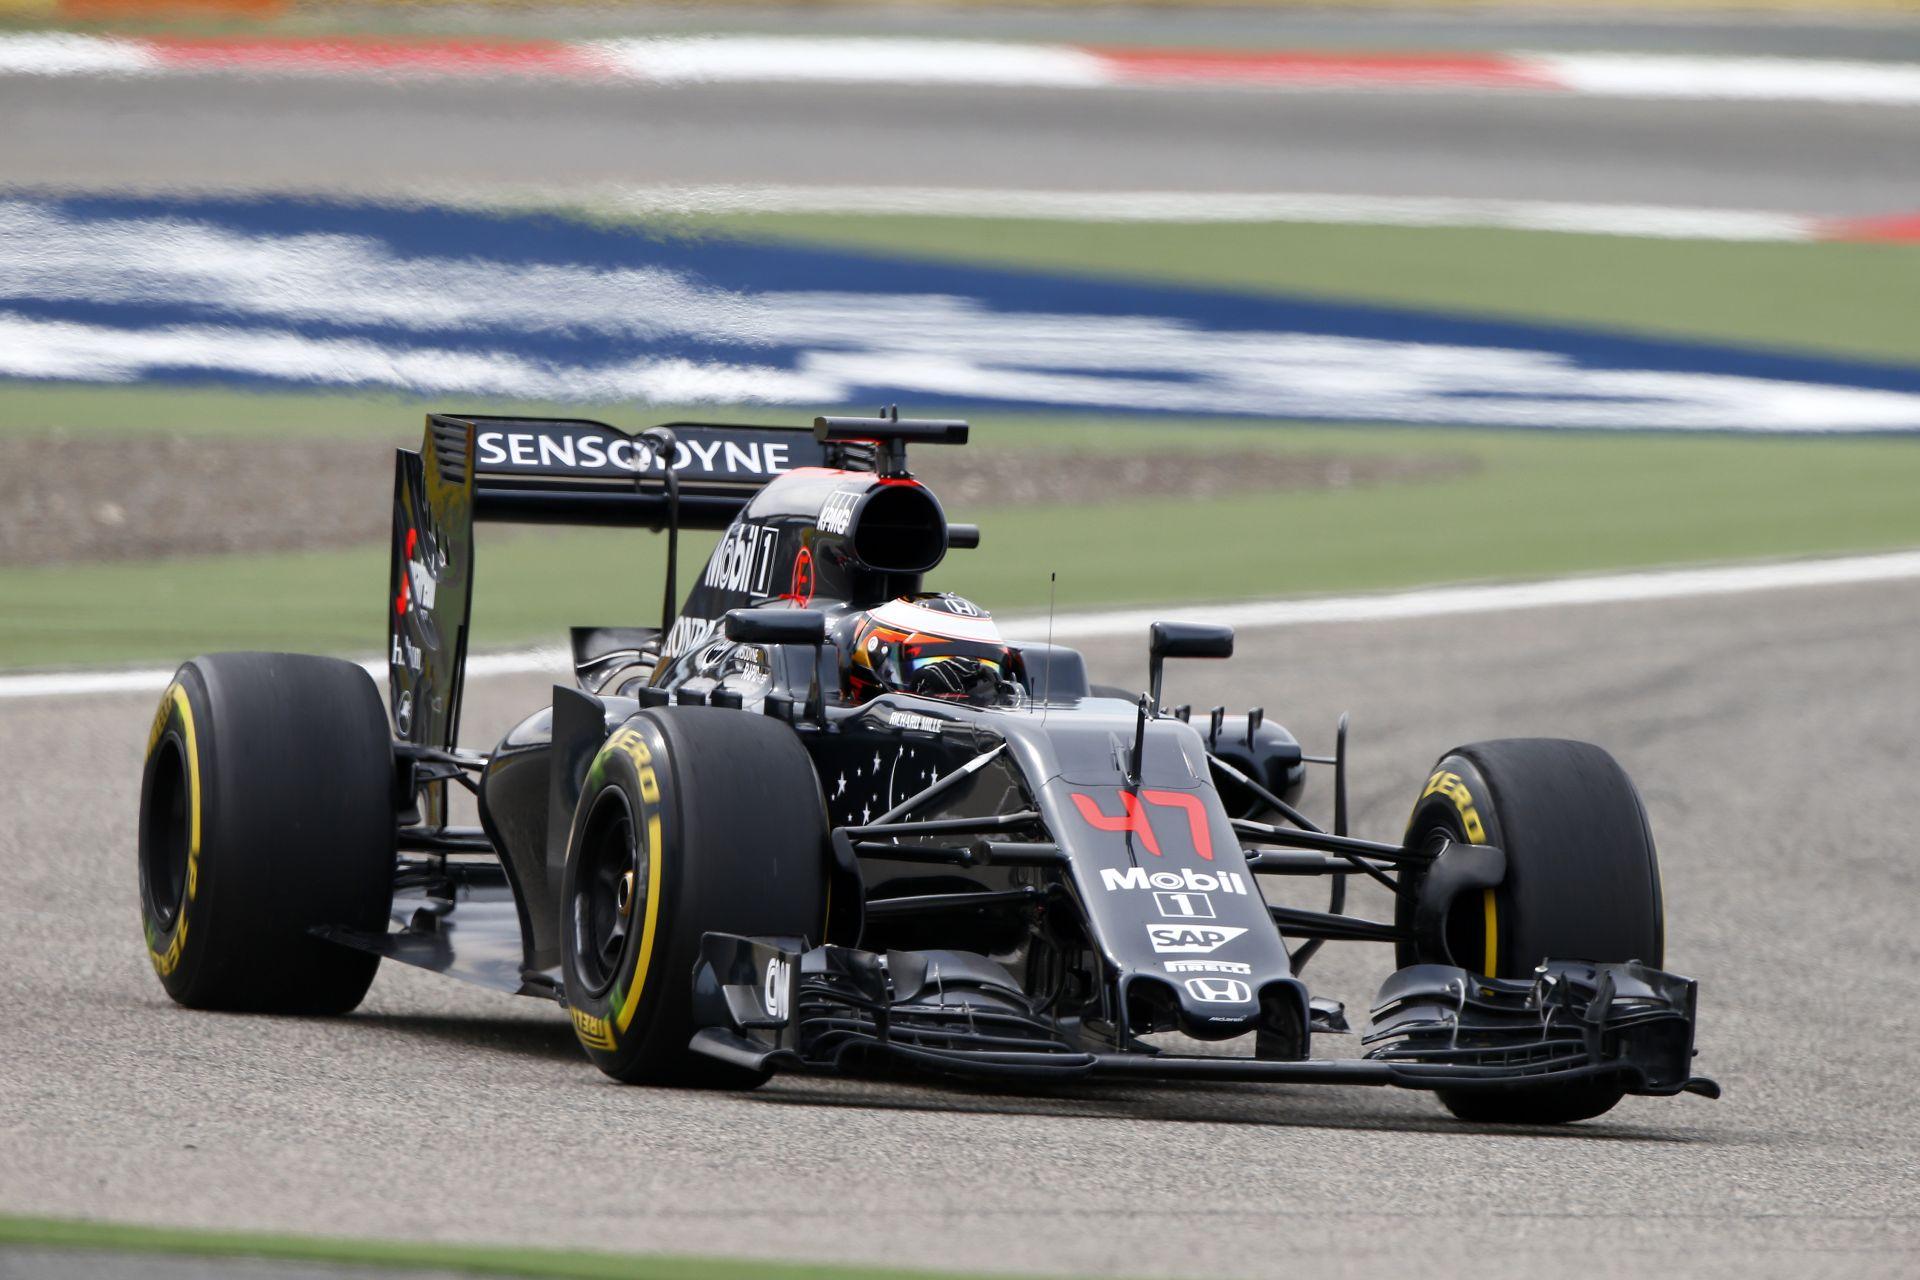 A McLaren nagy tehetsége rögtön egy negyedik hellyel nyitott az időmérőn